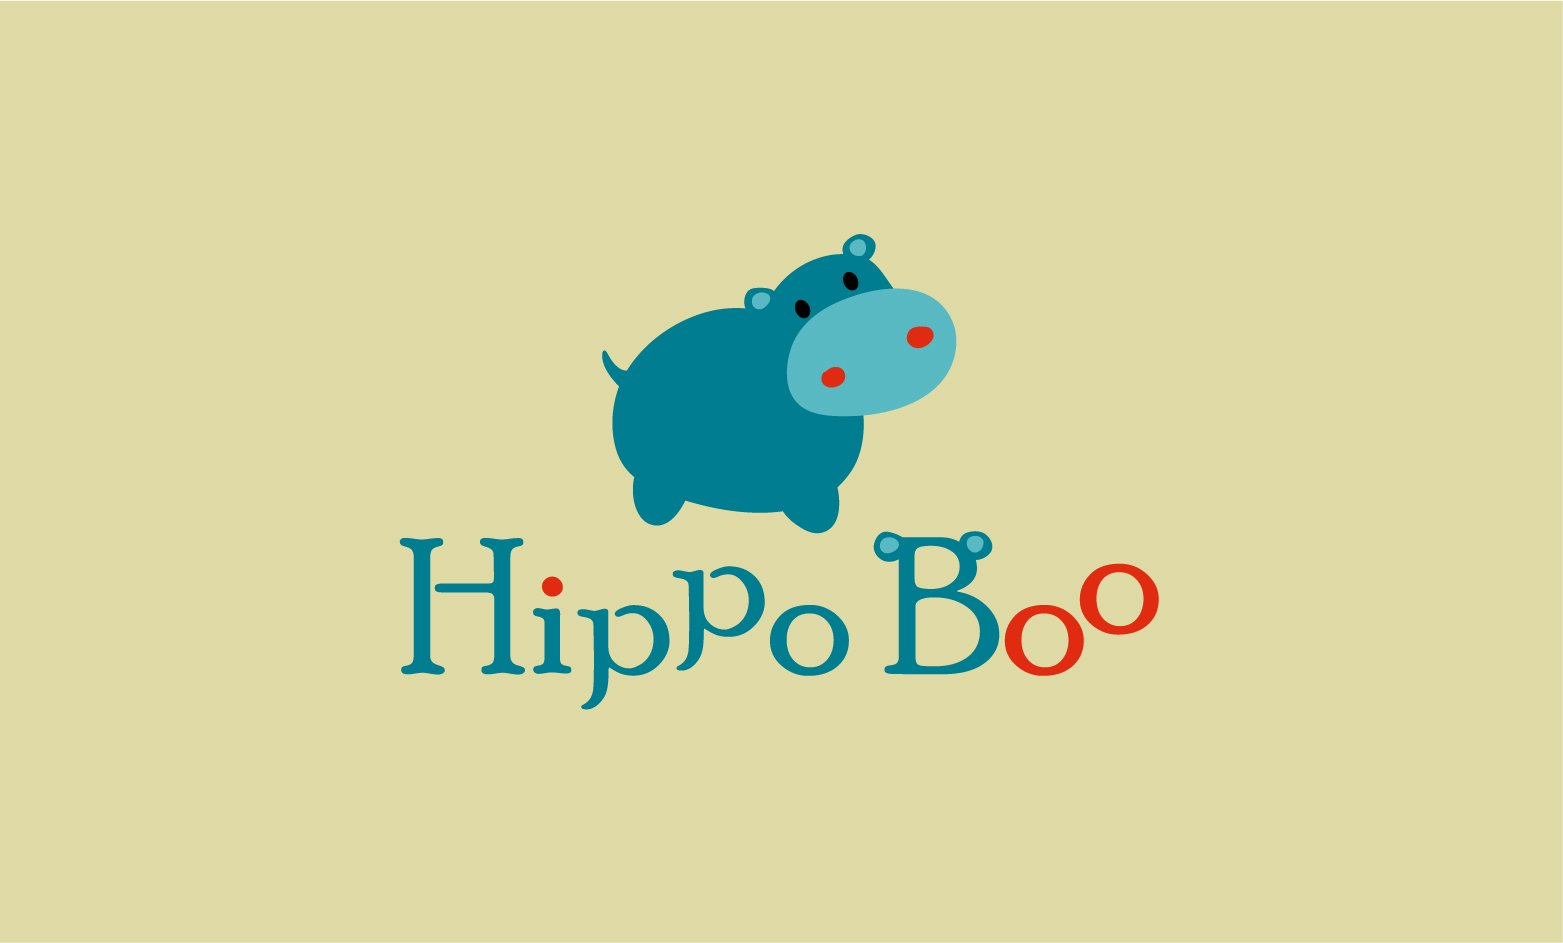 HippoBoo.com